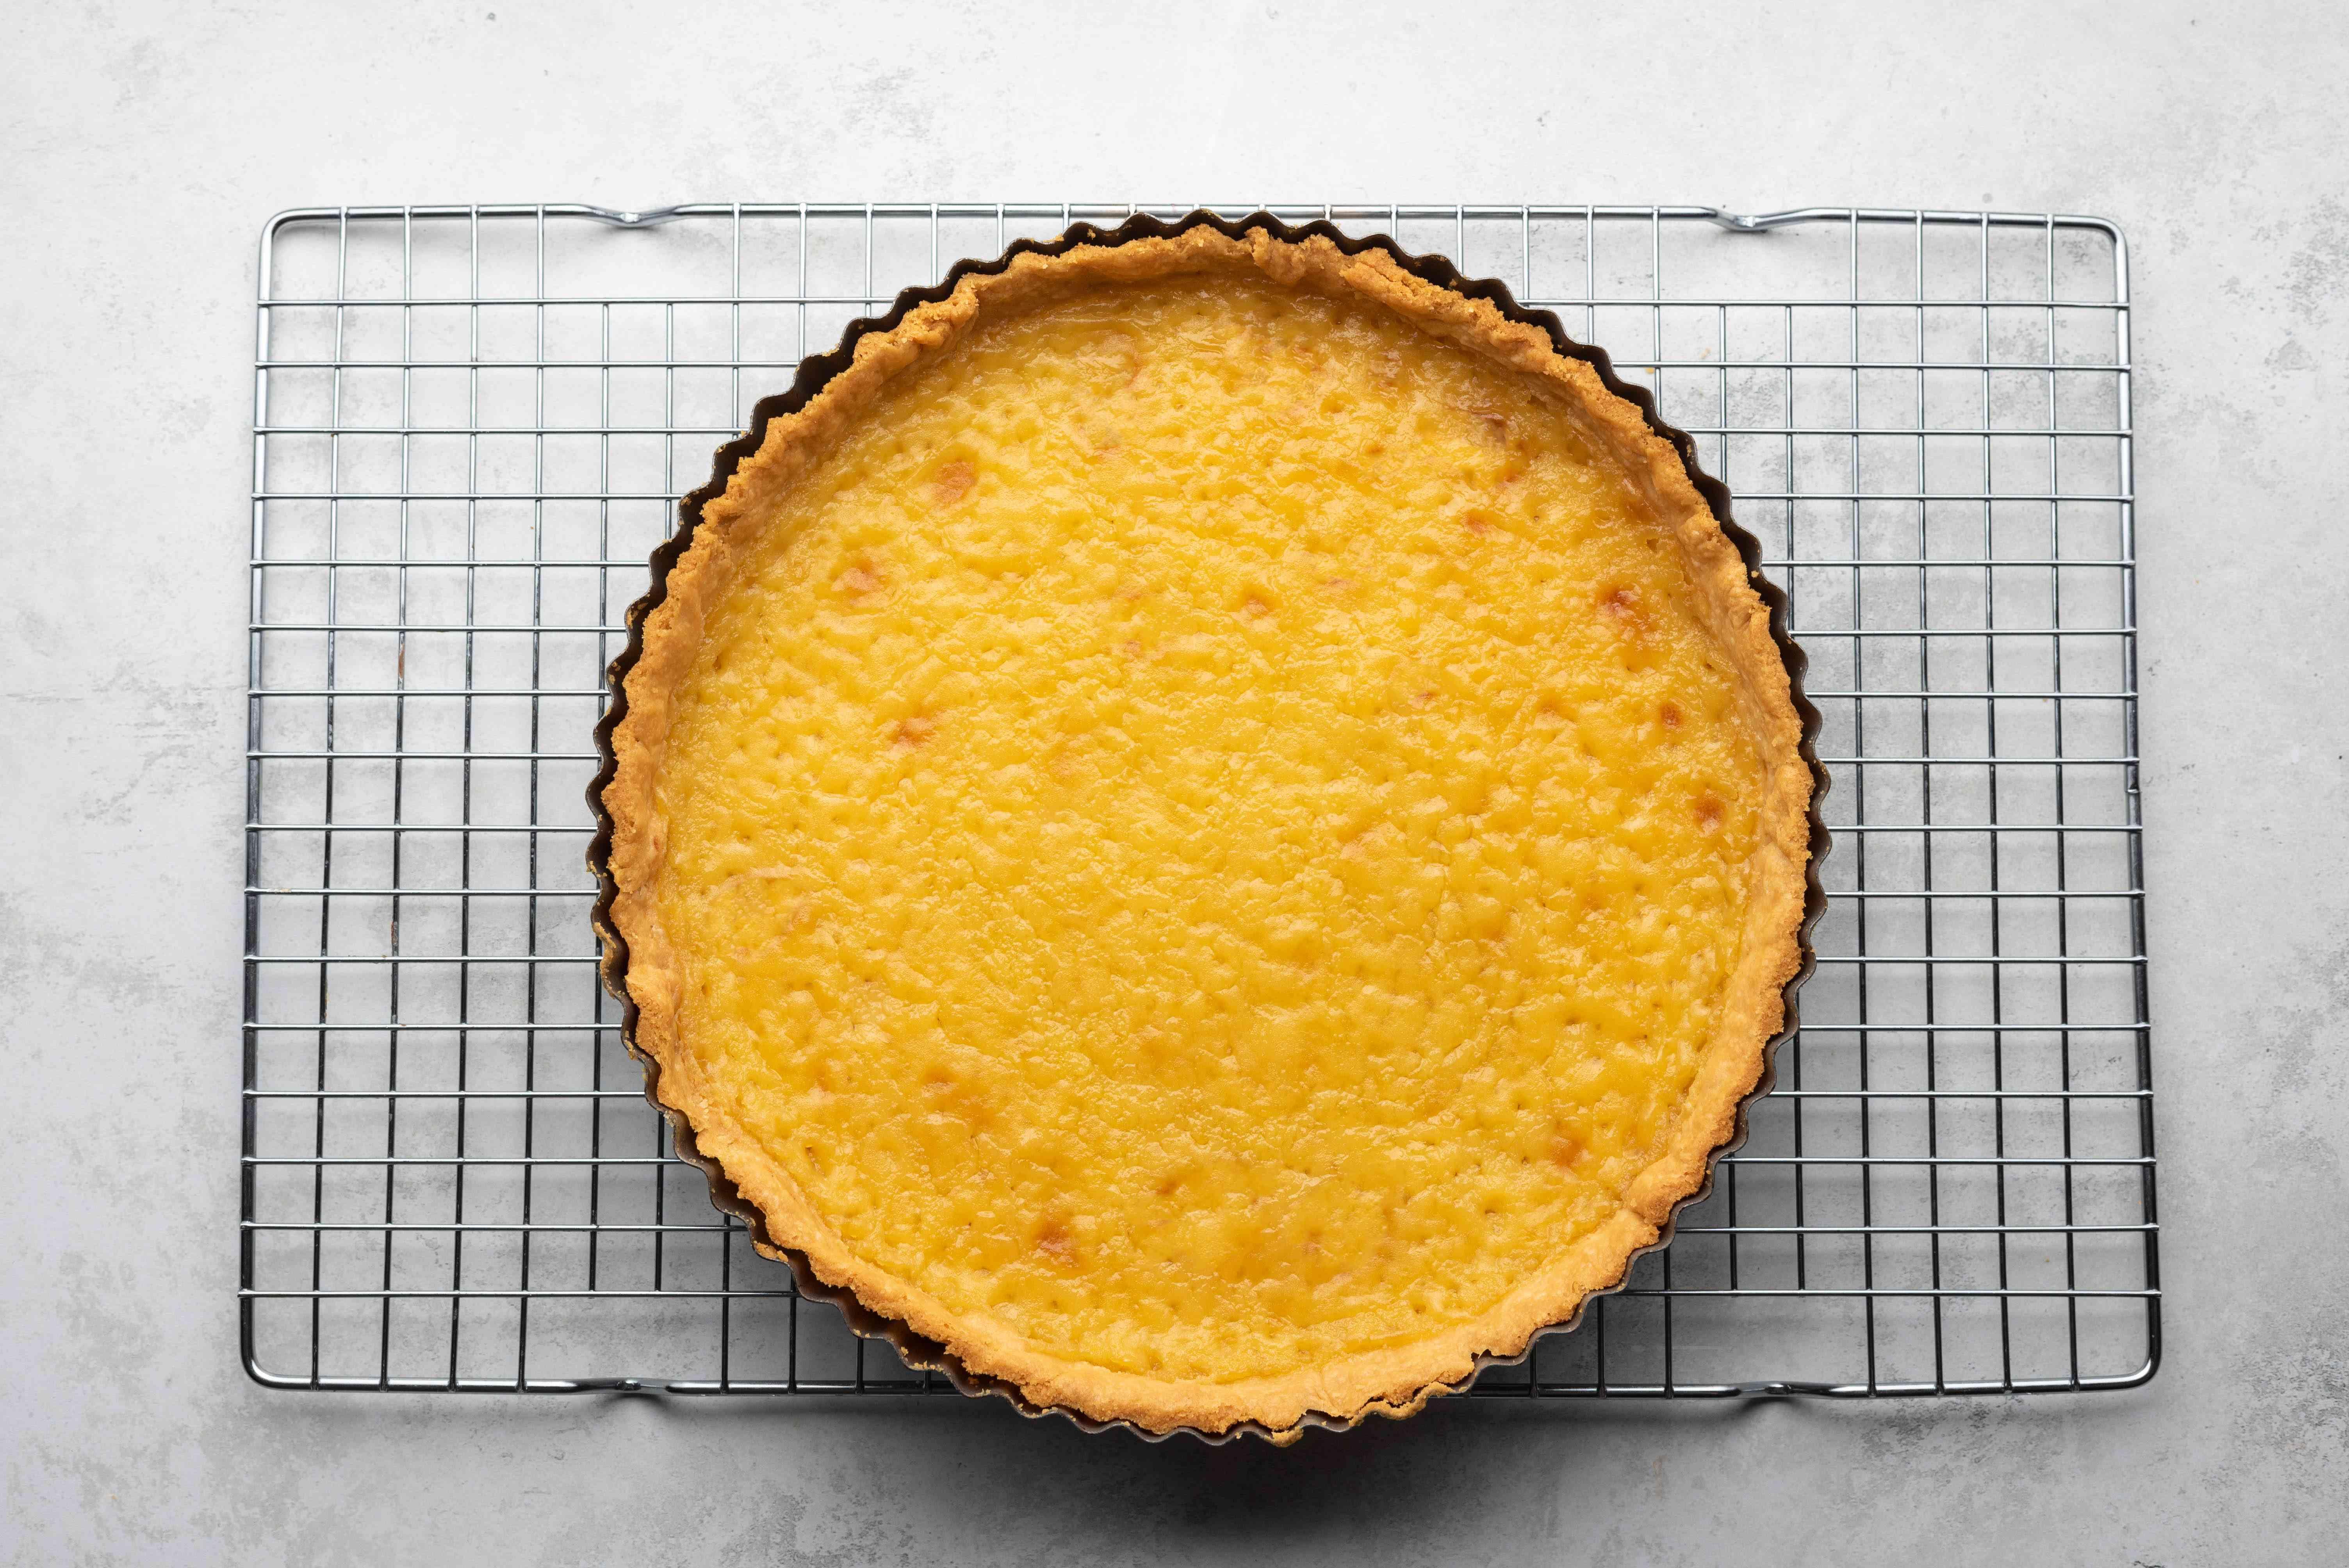 baked lemon tart on a cooling rack